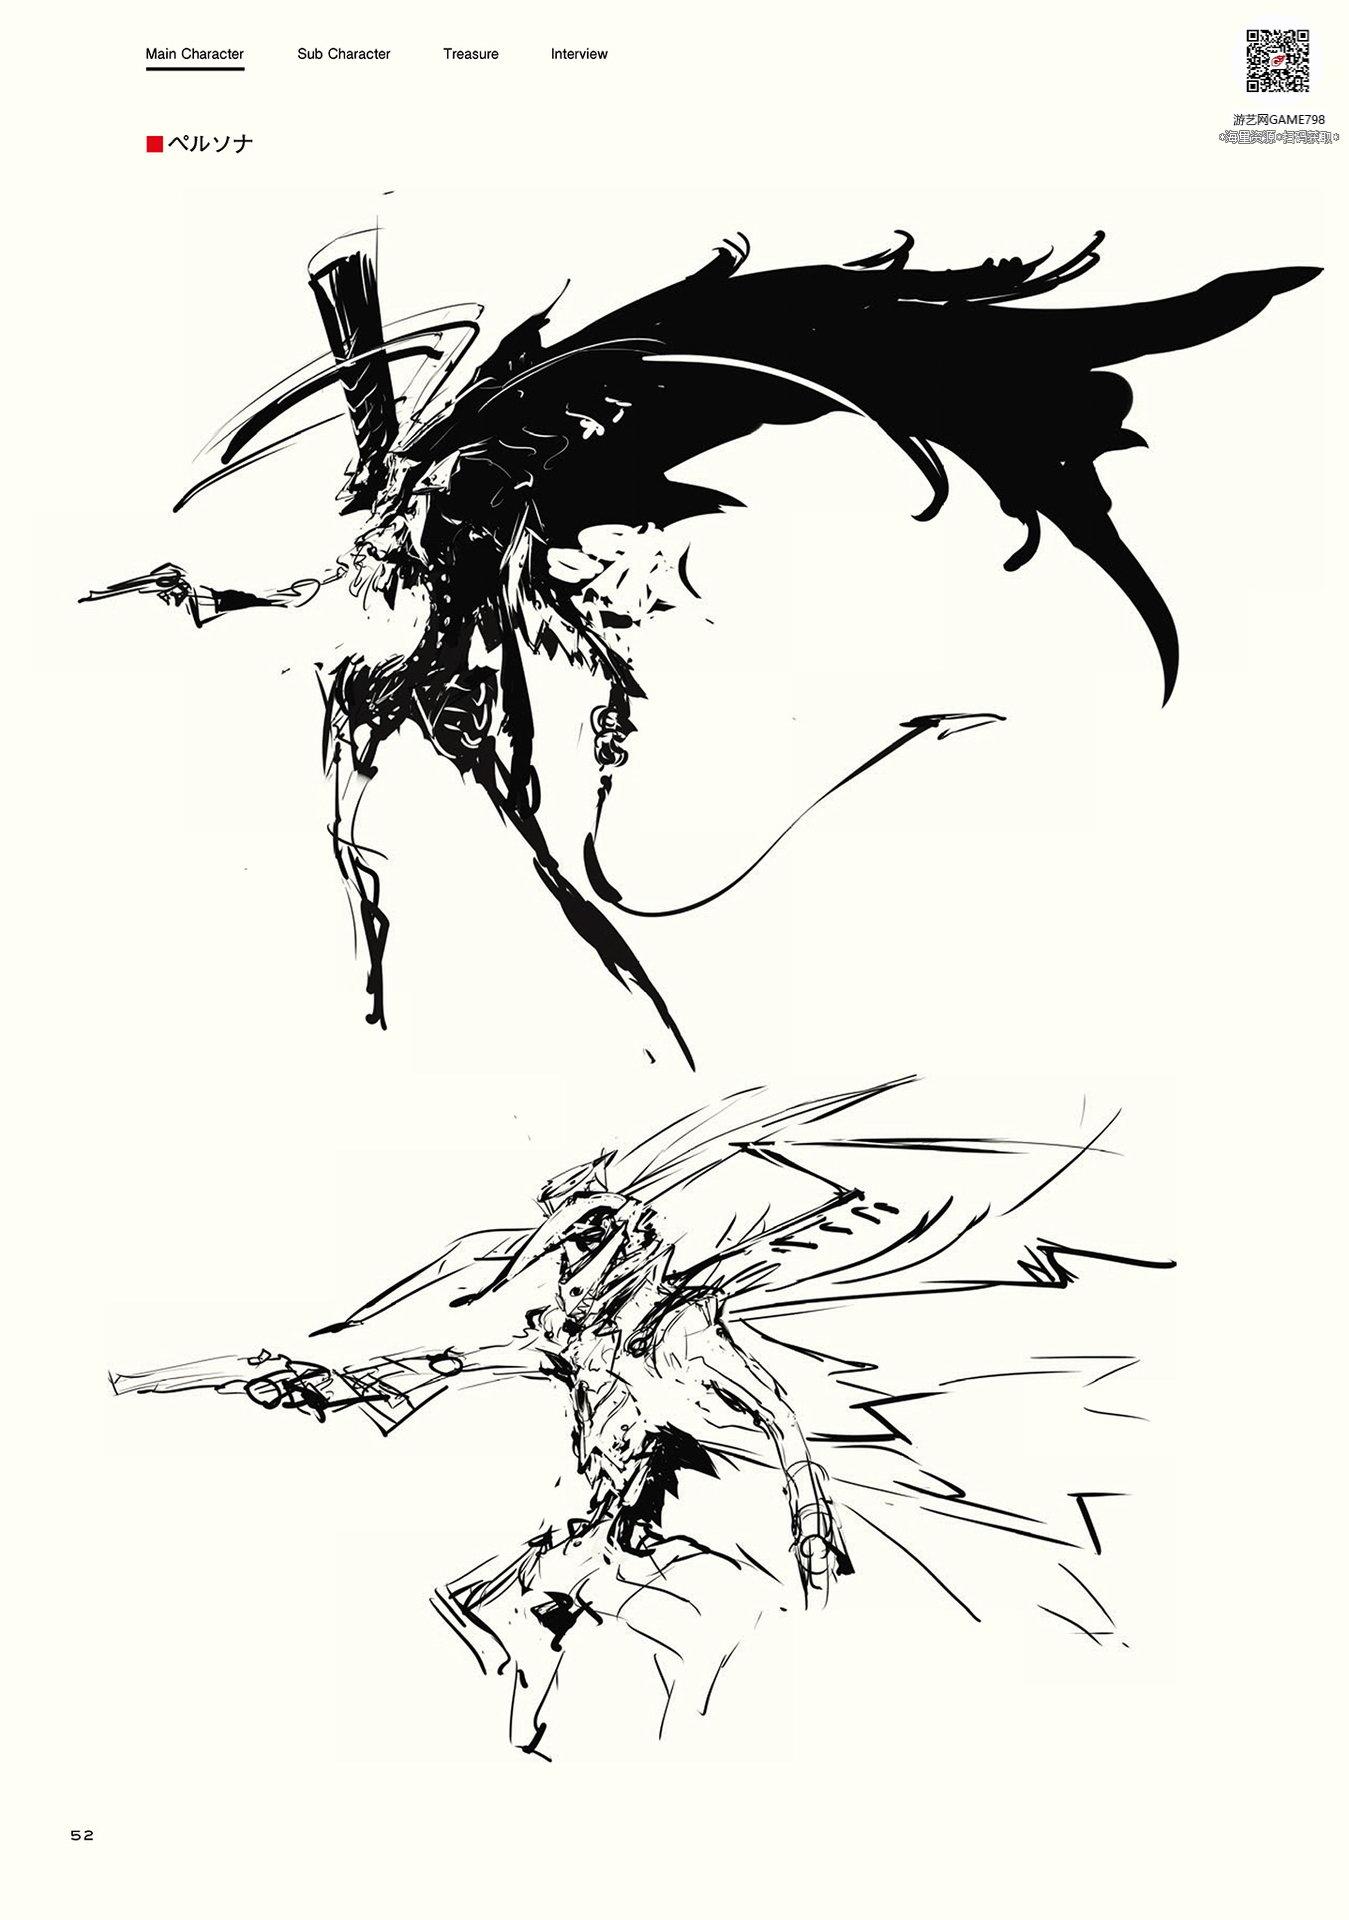 027_关注游艺网公众号获海量资源_日式游戏风格设定女神异闻录5二次元角色设定.jpeg